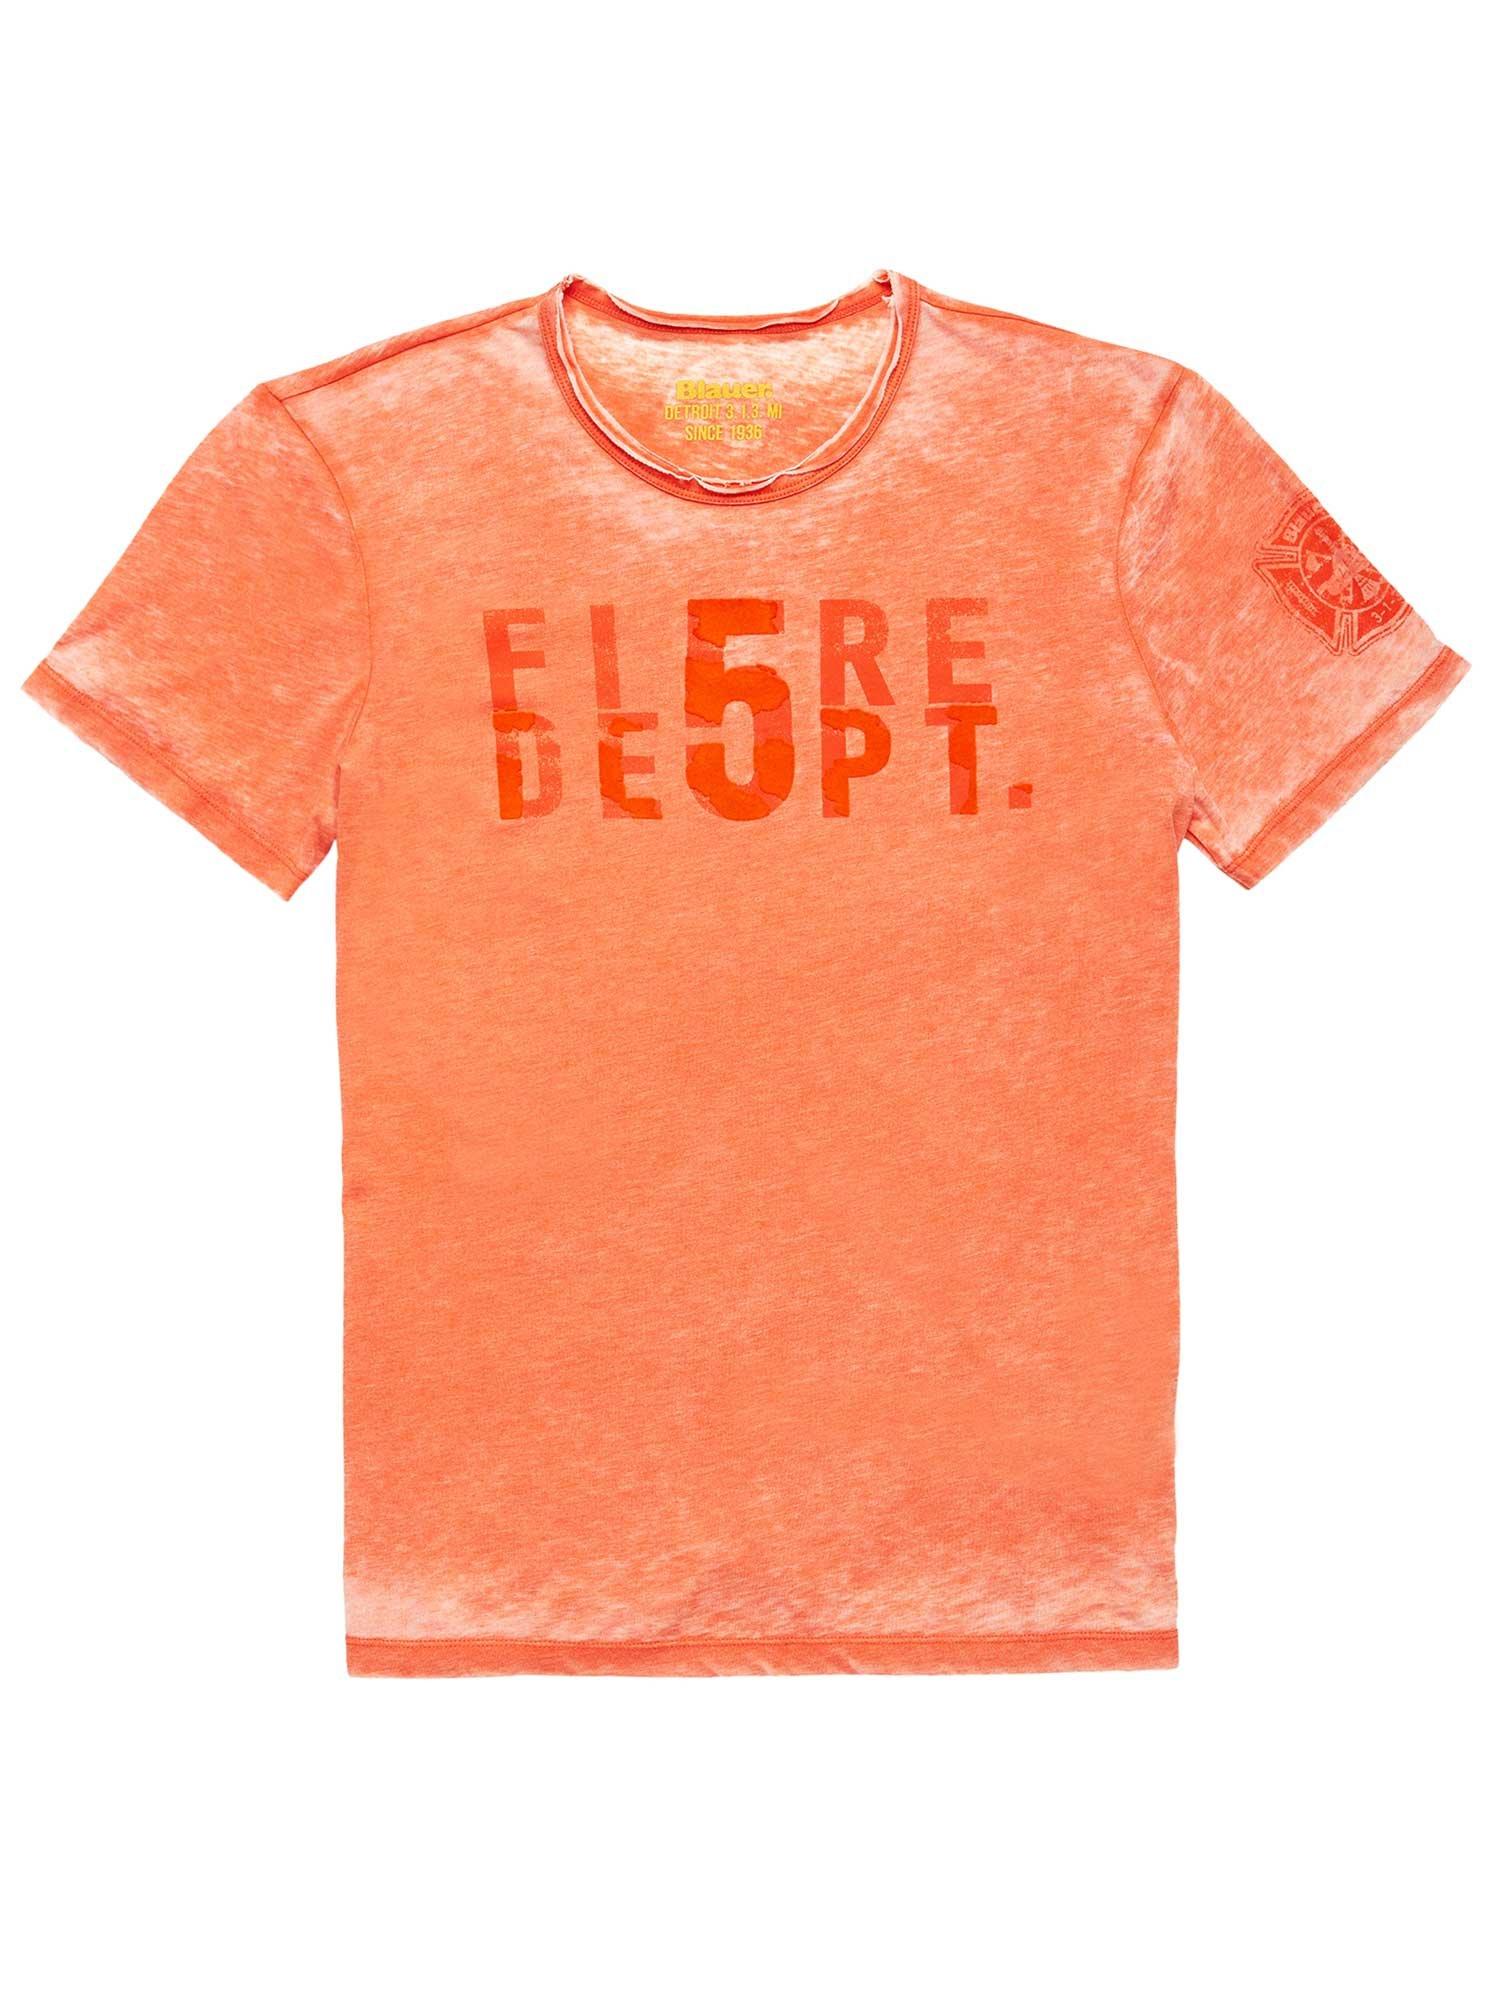 Blauer - T-SHIRT FIRE 5 DEPT. - Mandarino - Blauer